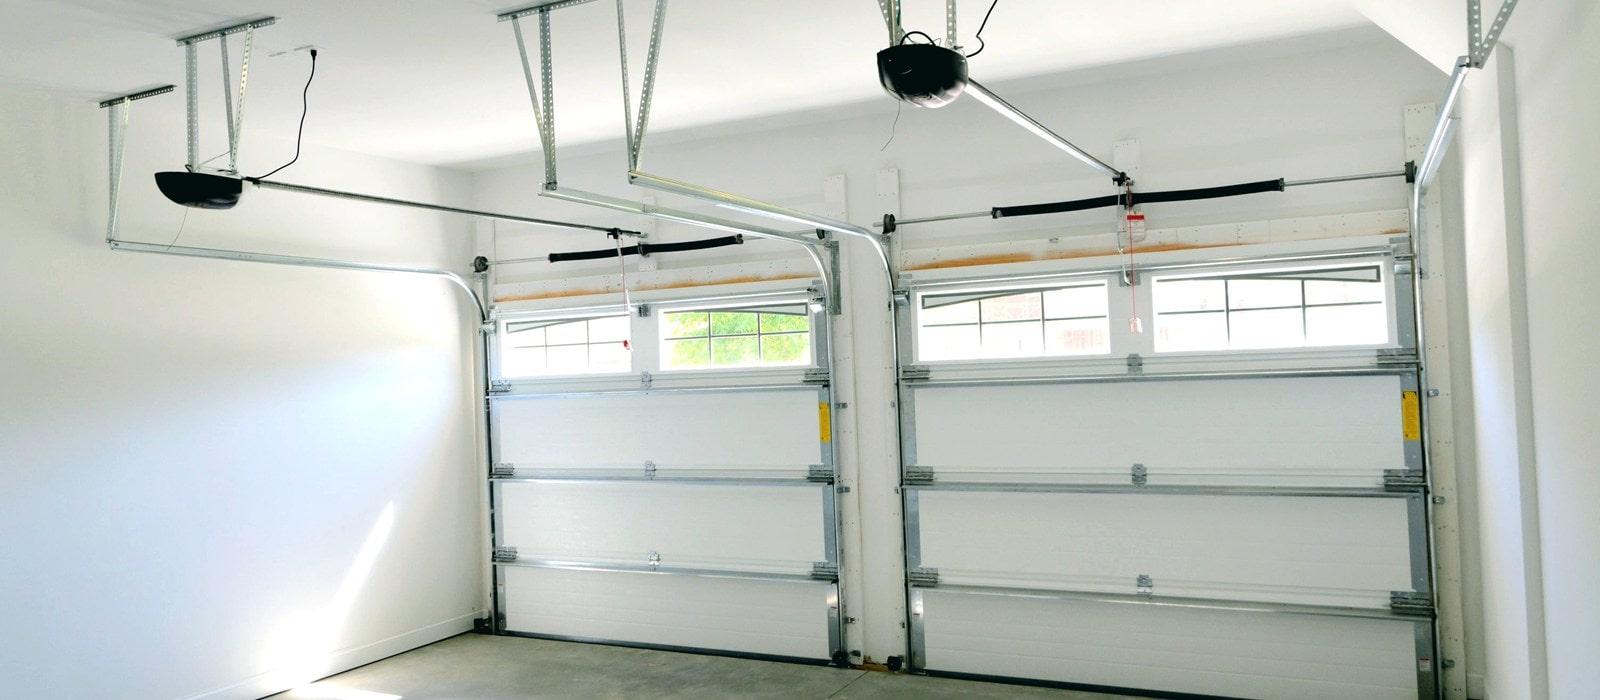 Garage Door Repair Toronto Gta Star Garage Doors Sales Service